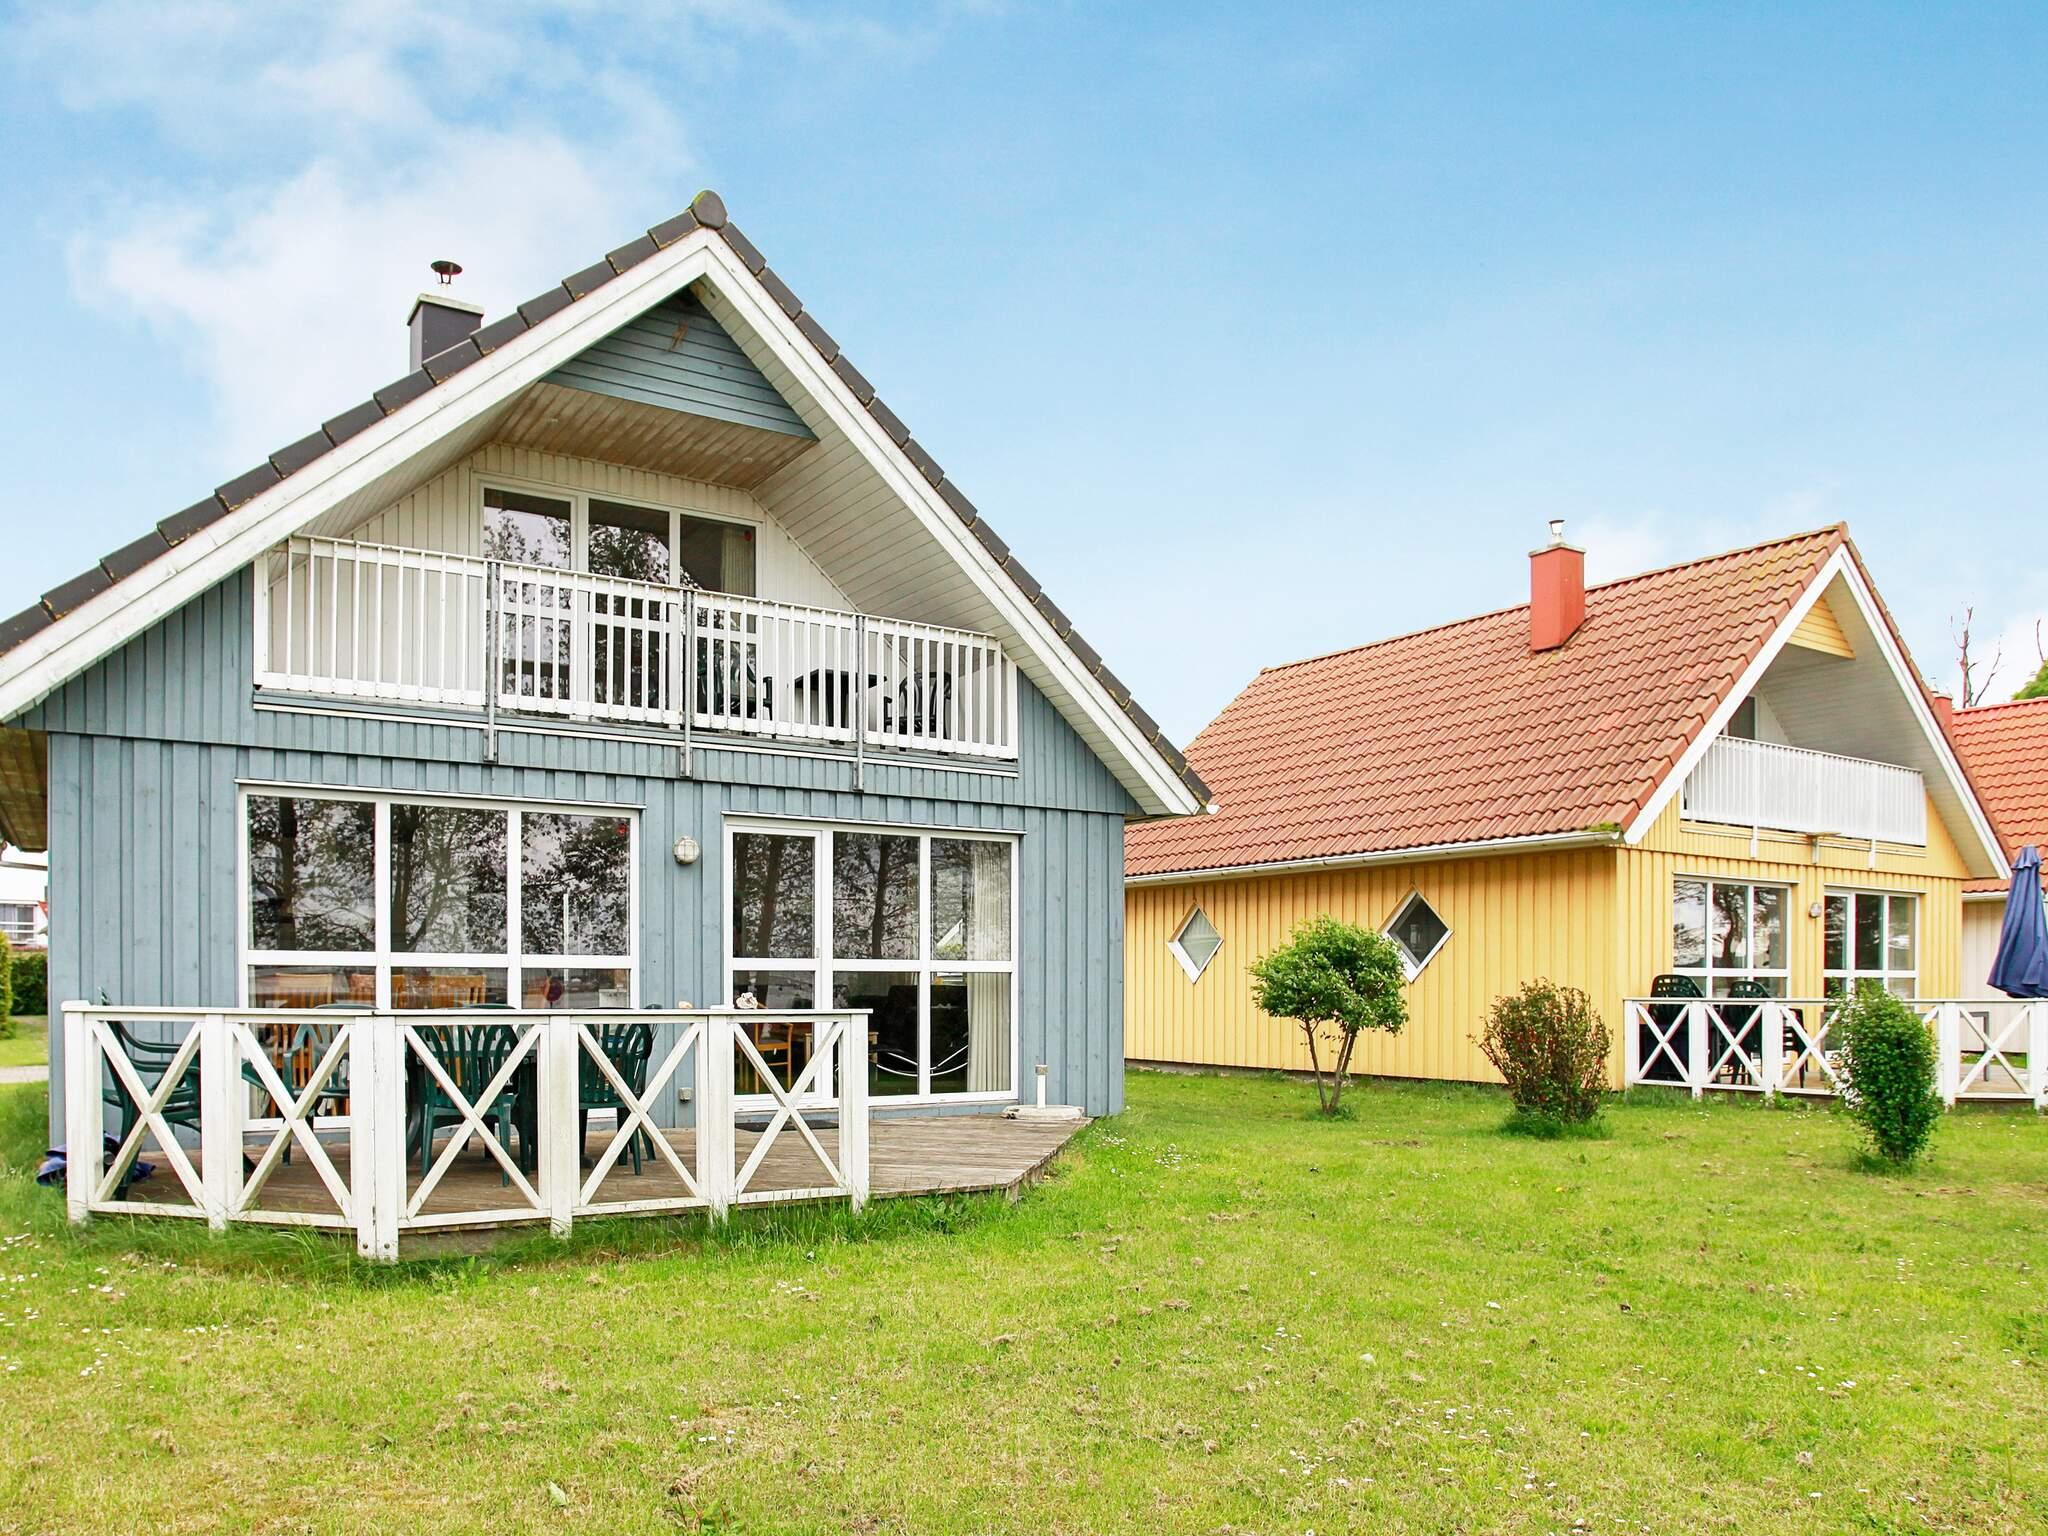 Ferienhaus Gelting (135794), Gelting, Geltinger Bucht, Schleswig-Holstein, Deutschland, Bild 1